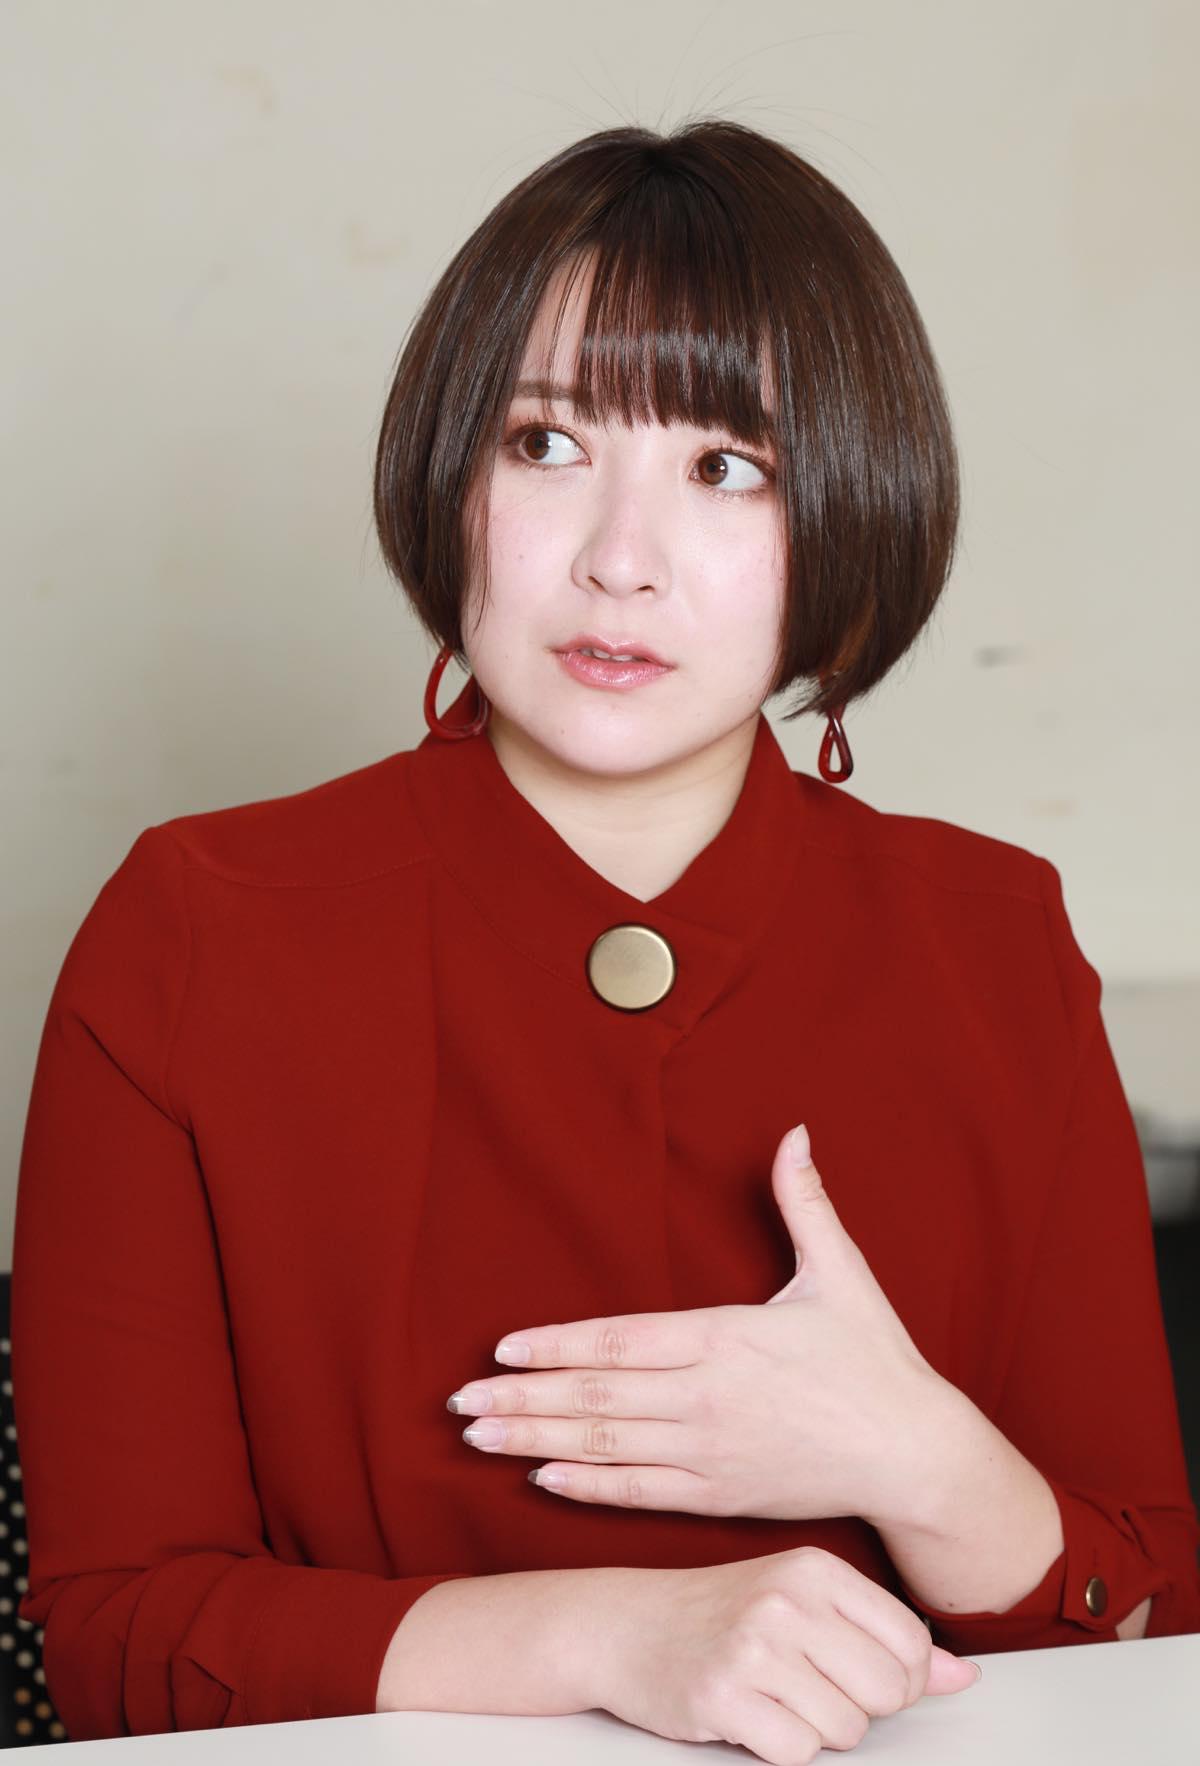 「105cmバスト」紺野栞の画像1